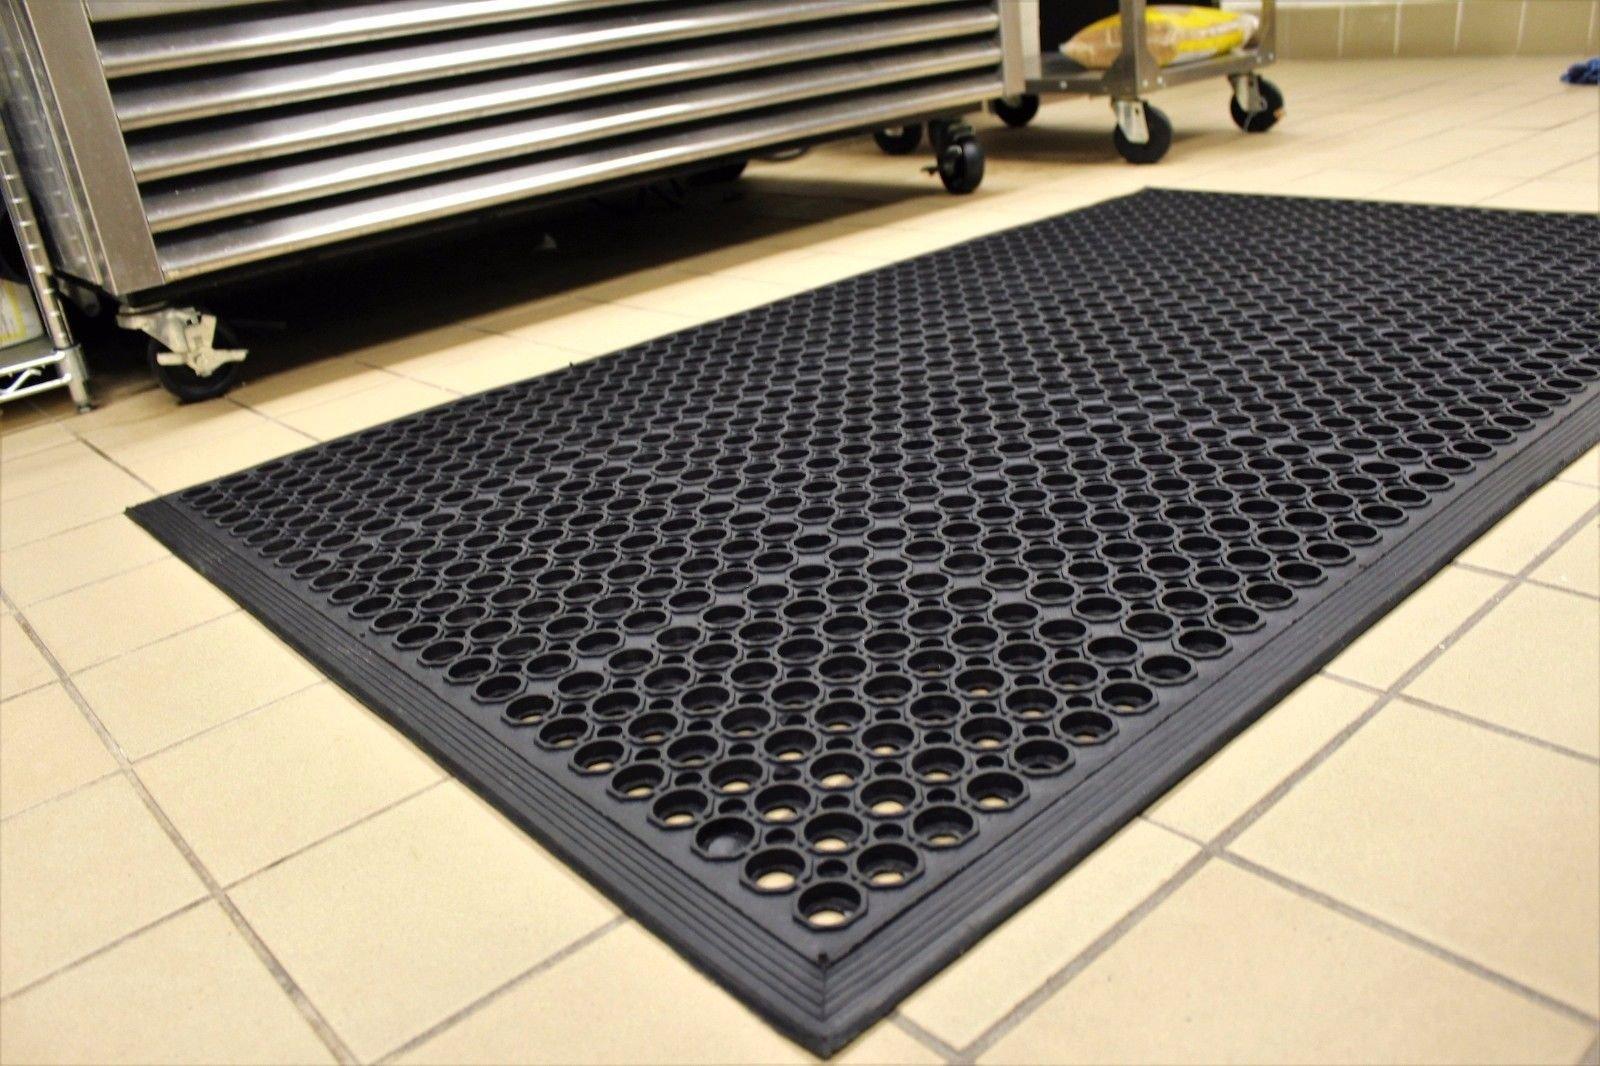 Black Anti-Fatigue Floor Mat Indoor Commercial Industrial Heavy Duty Rubber Floor Mats 36'' 60''